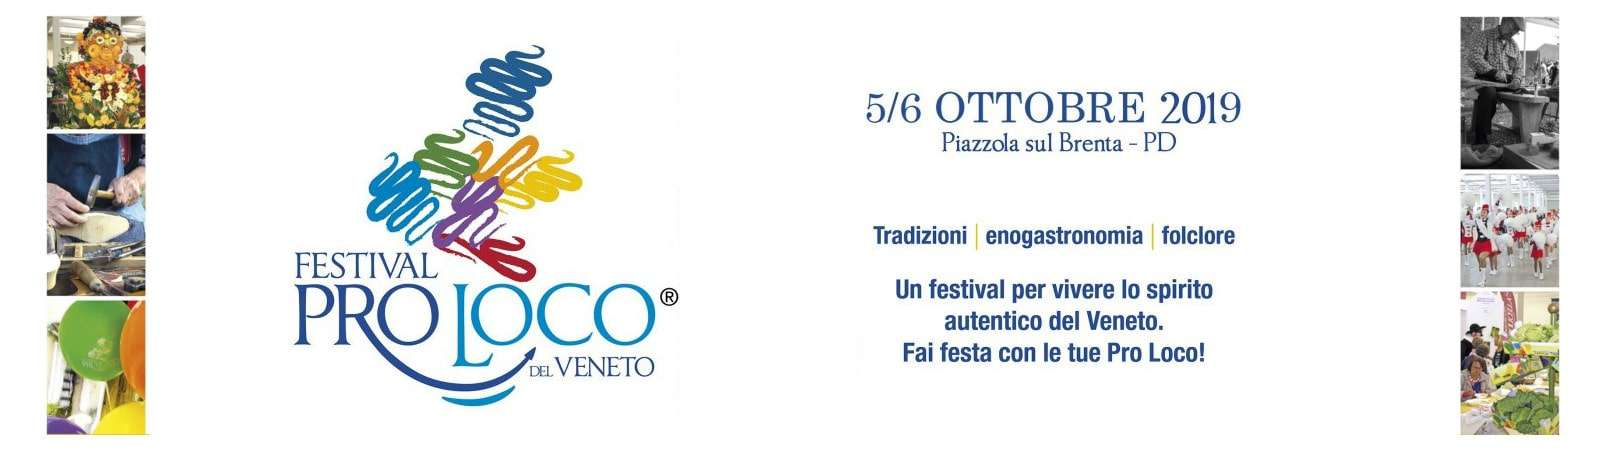 Festival delle Pro loco